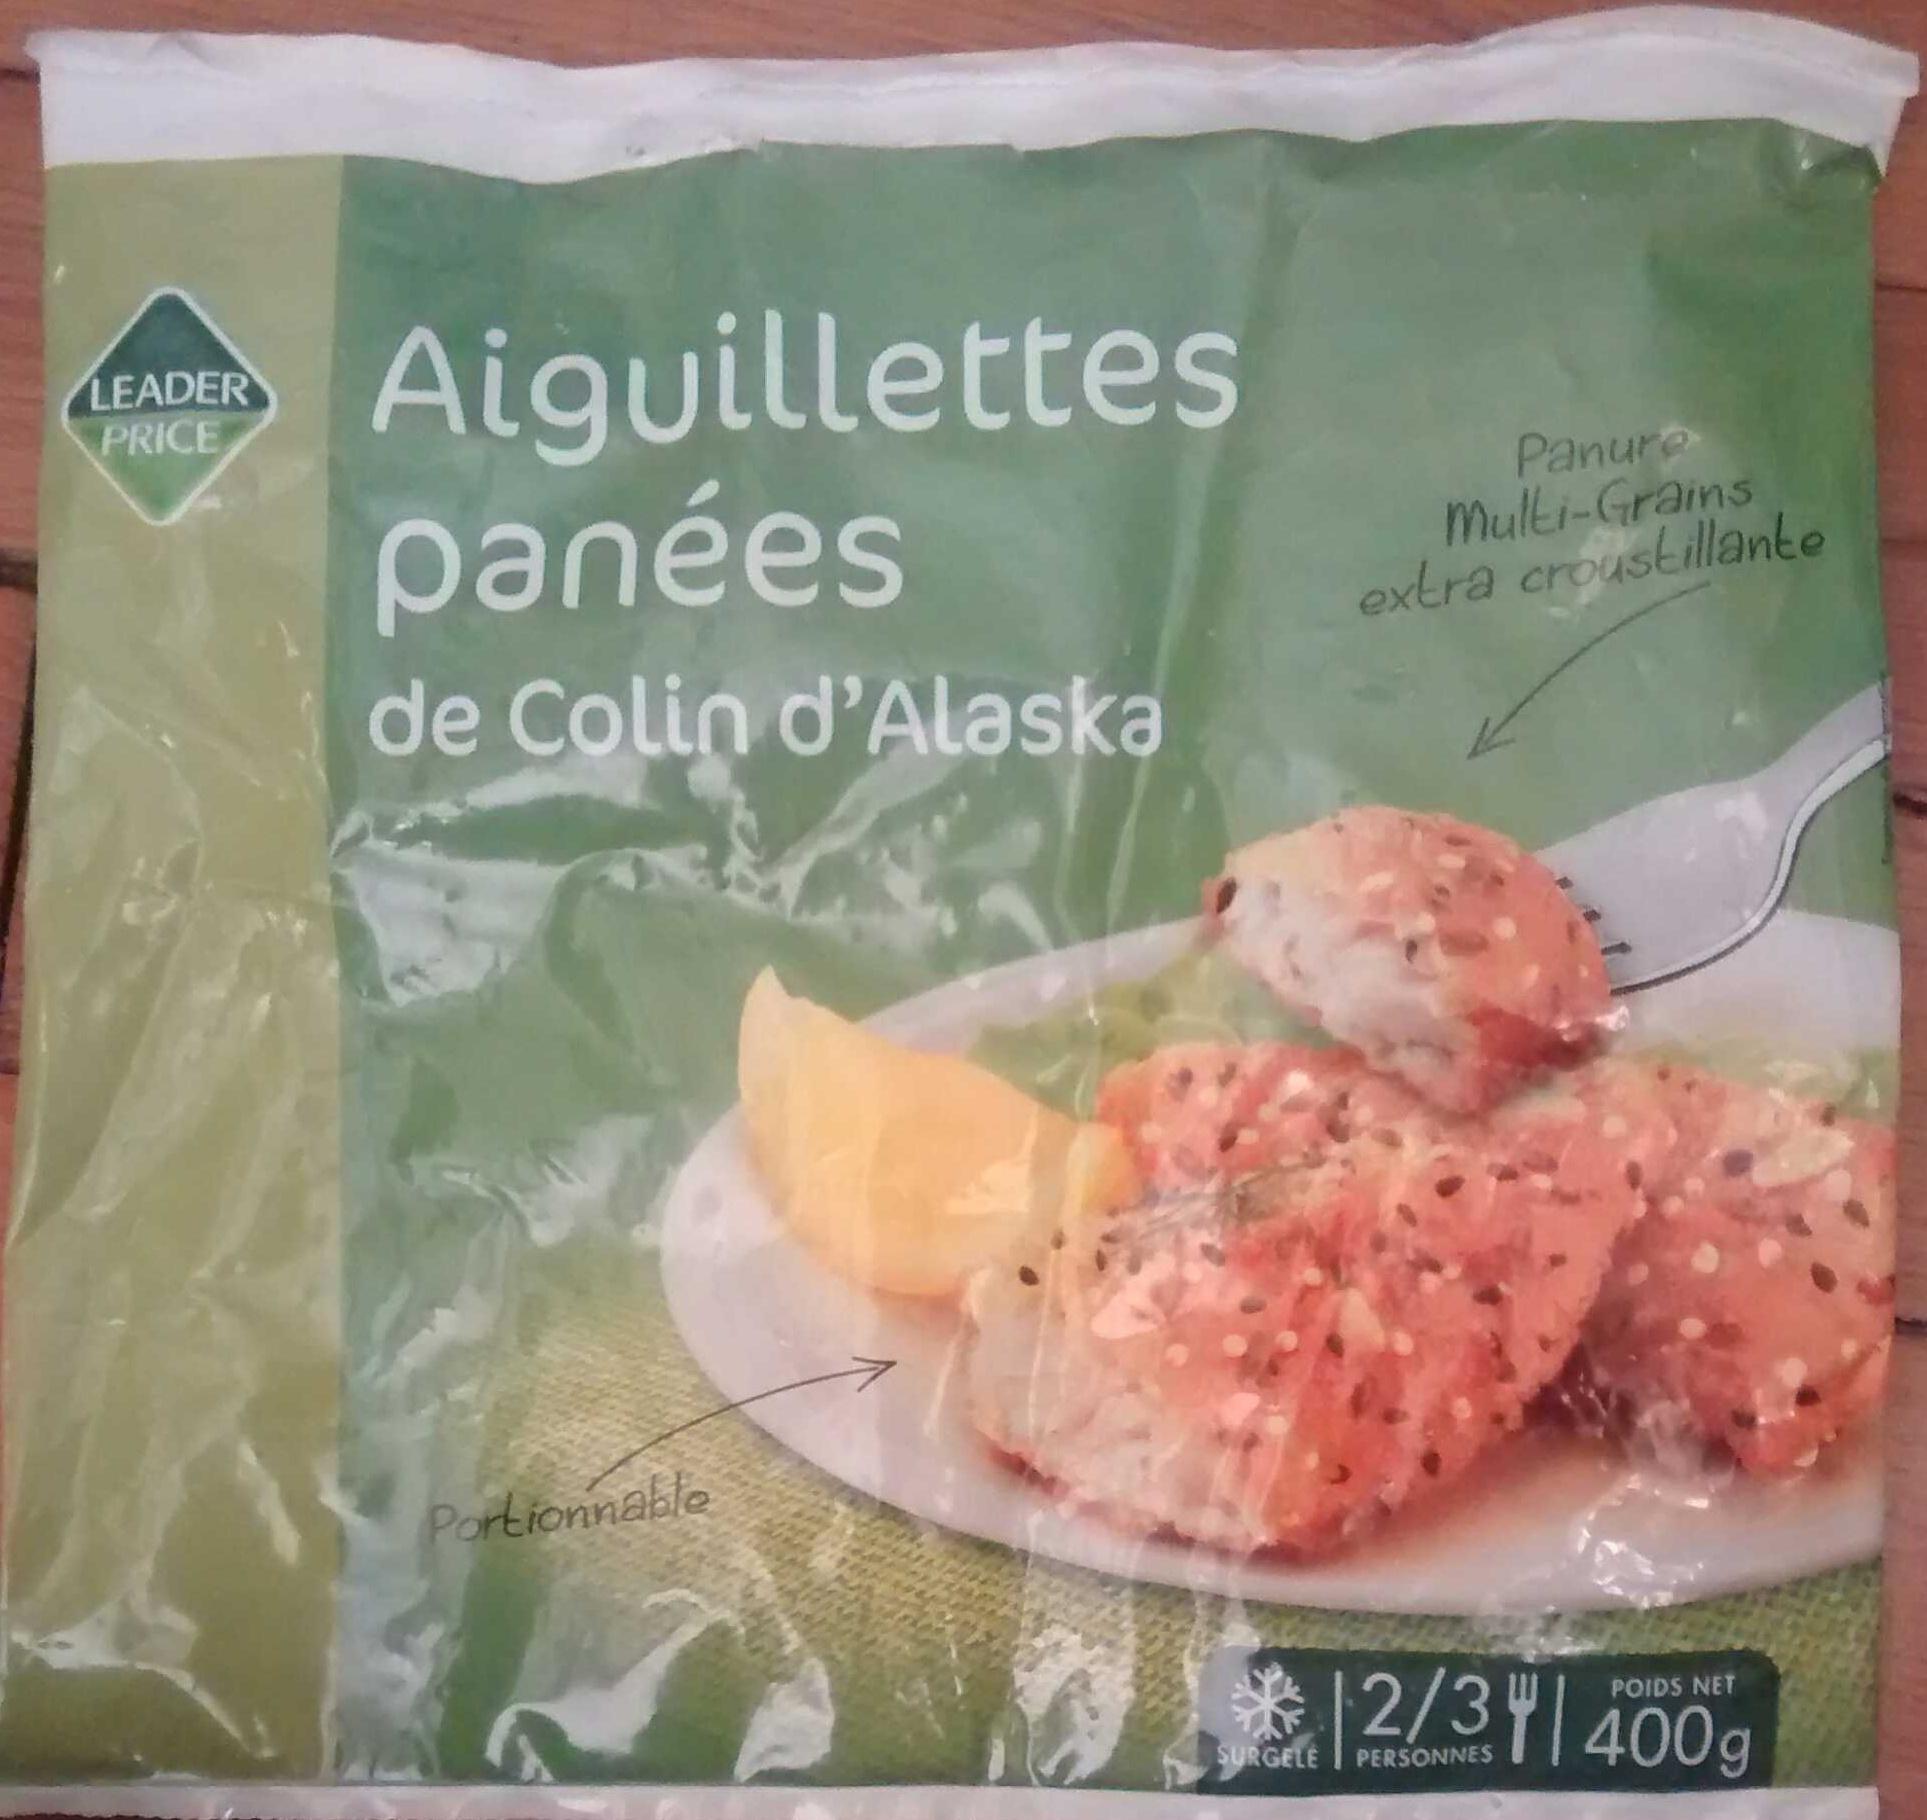 Aiguillettes panées de Colin d'Alaska, Surgelé - Product - en